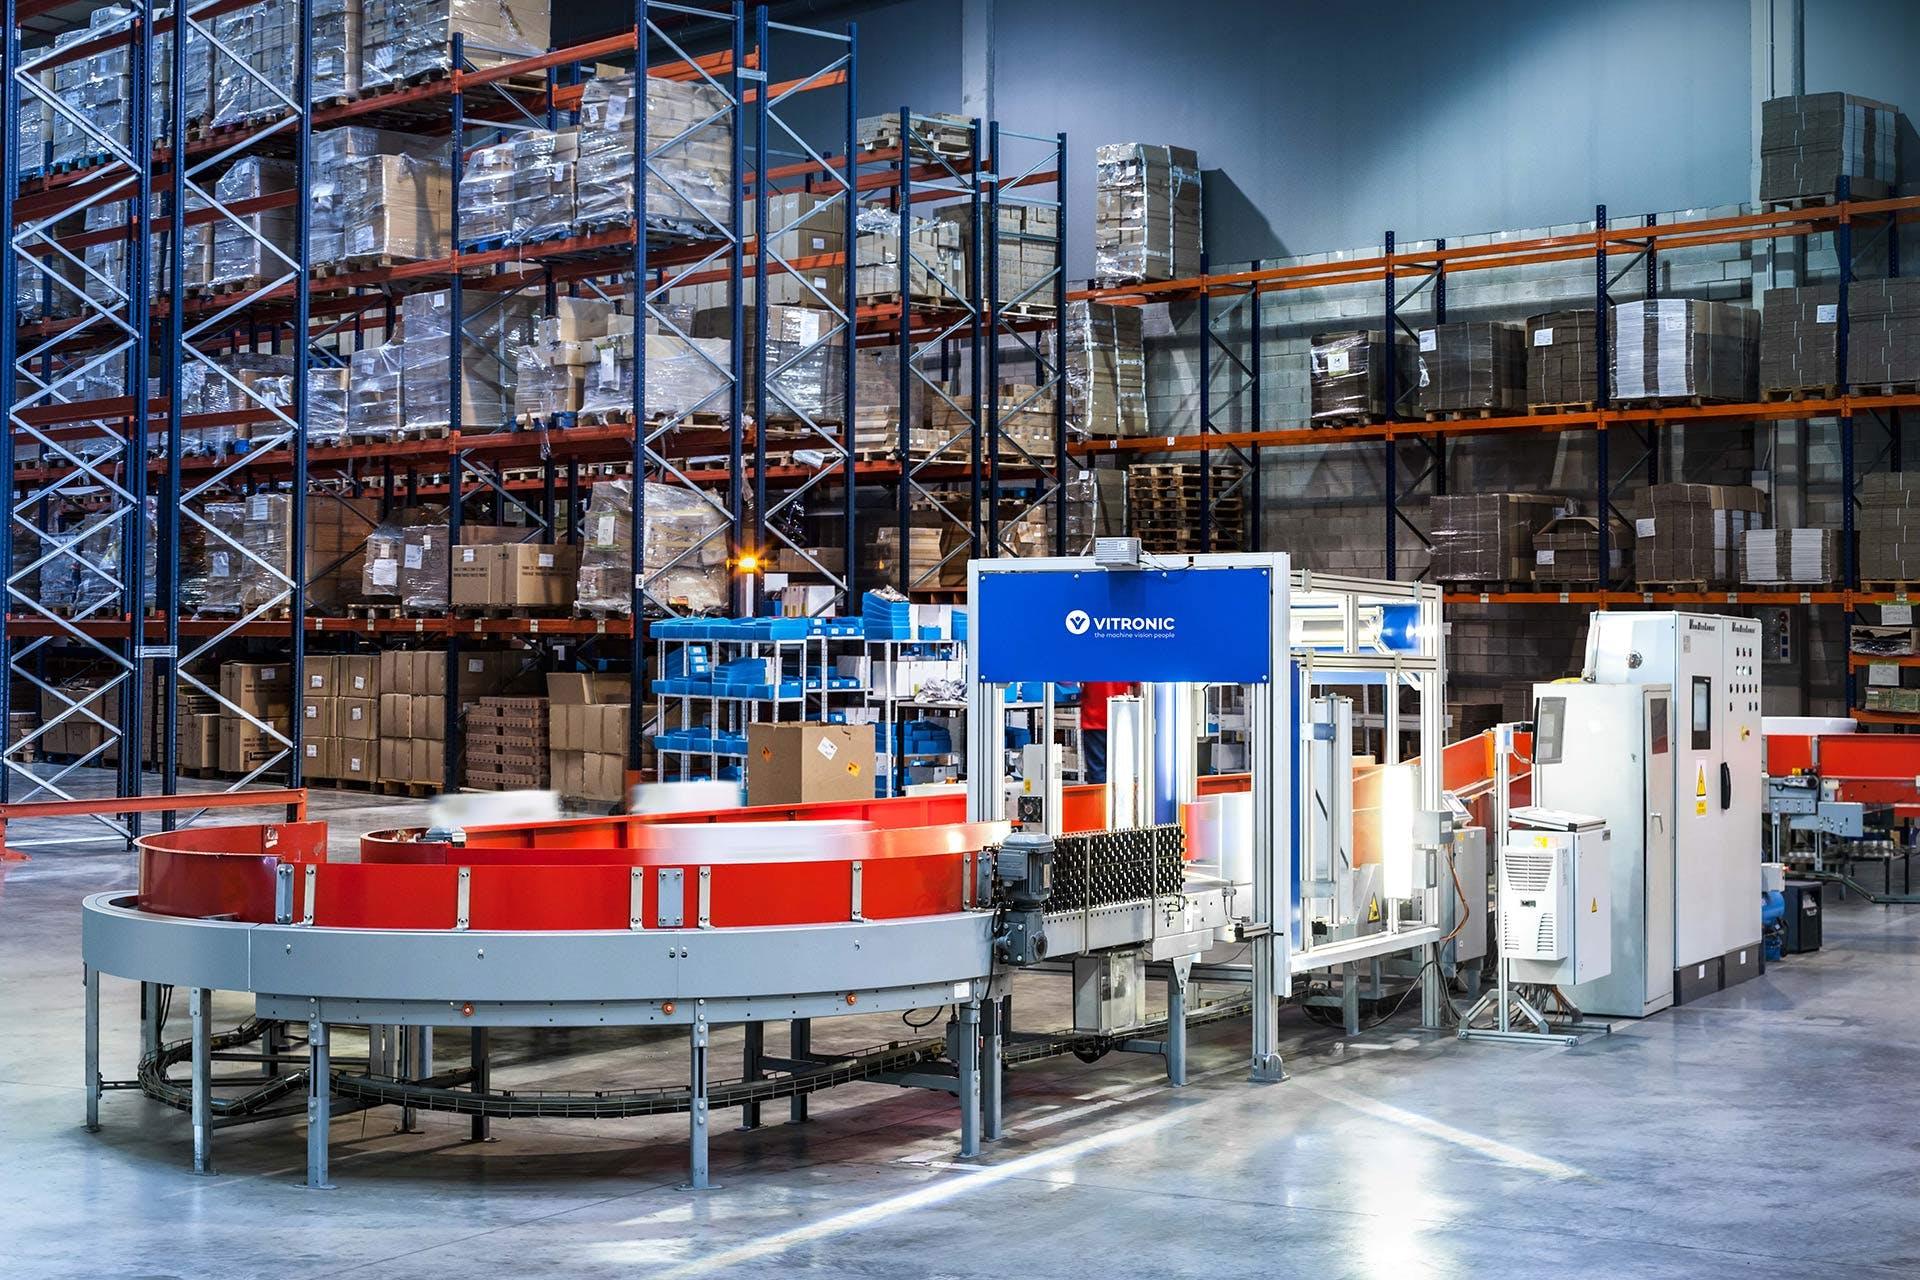 Vue d'un entrepôt doté d'un système VITRONIC Auto-ID